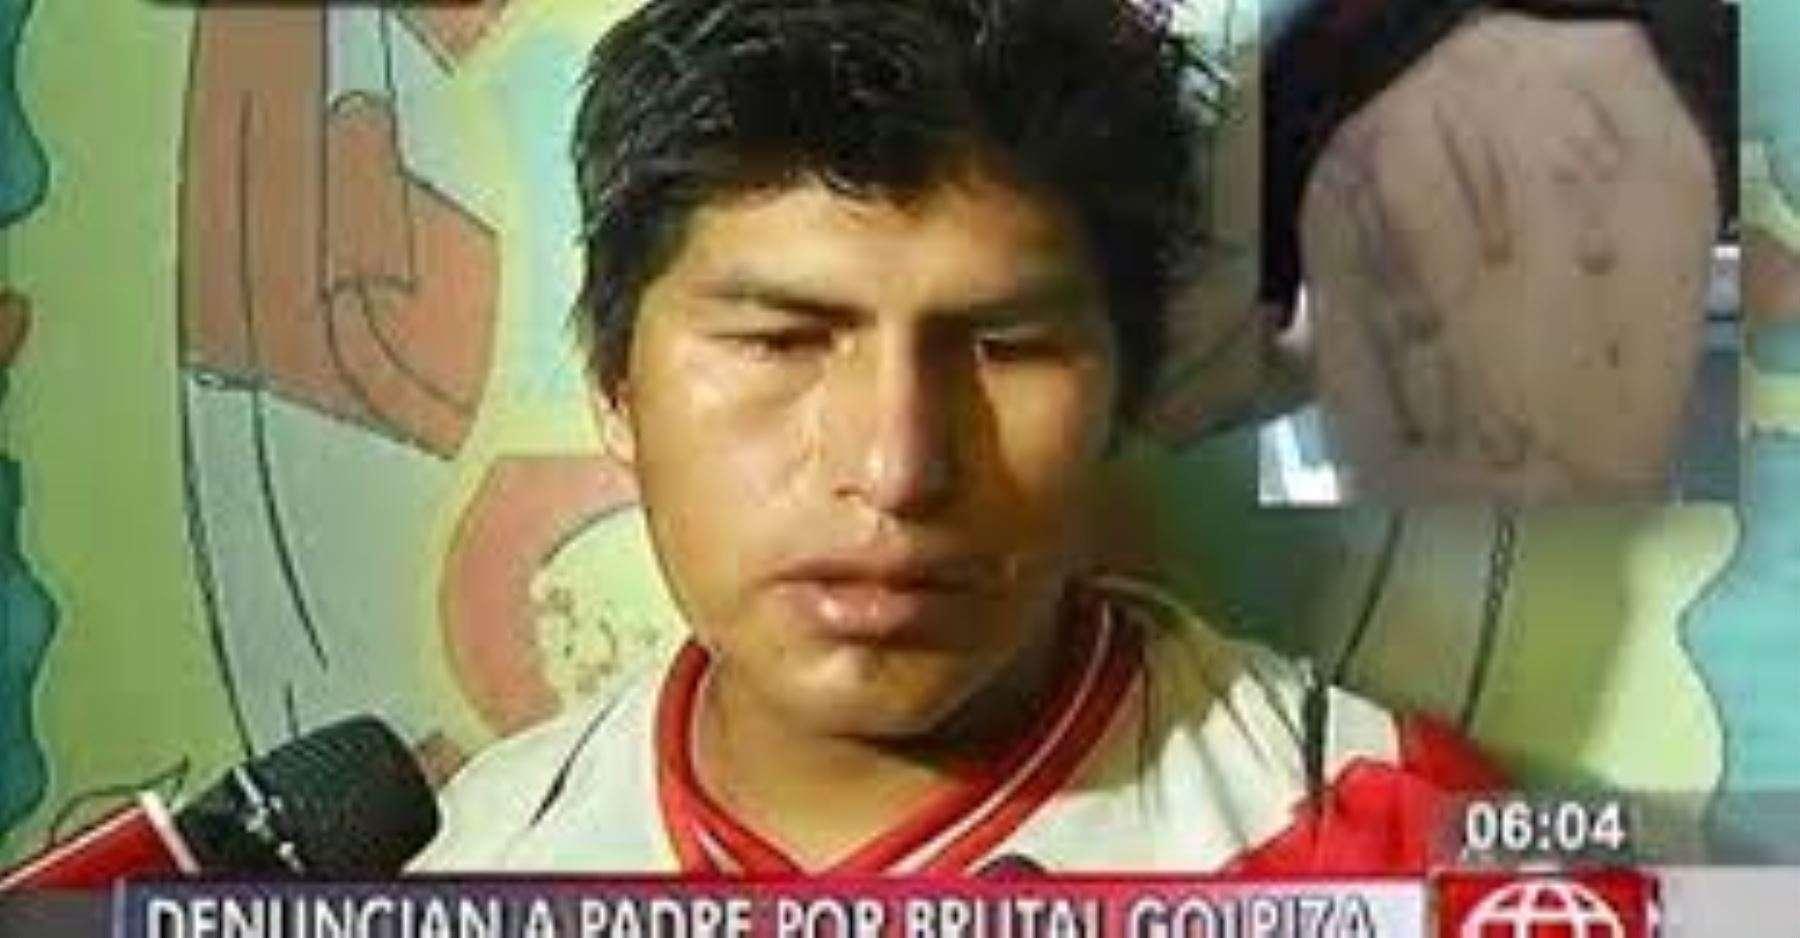 Oriol Leonidas Zevallos Valerio, presunto agresor de su hijo de 7 años. Foto: Captura